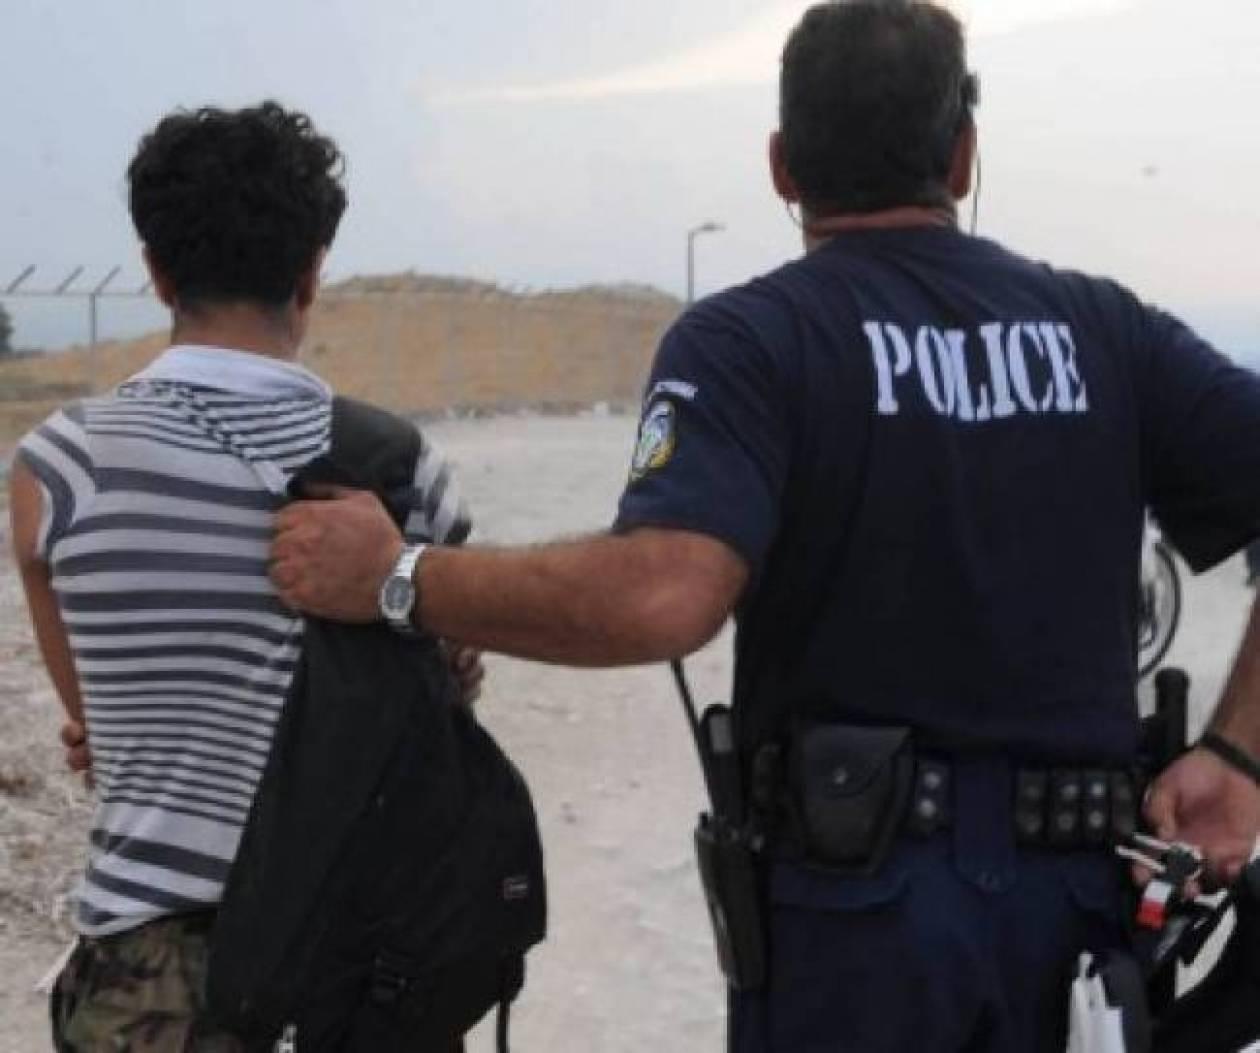 Πάτρα: 14 διακινητές και 61 μετανάστες συνελήφθησαν σε ένα μήνα